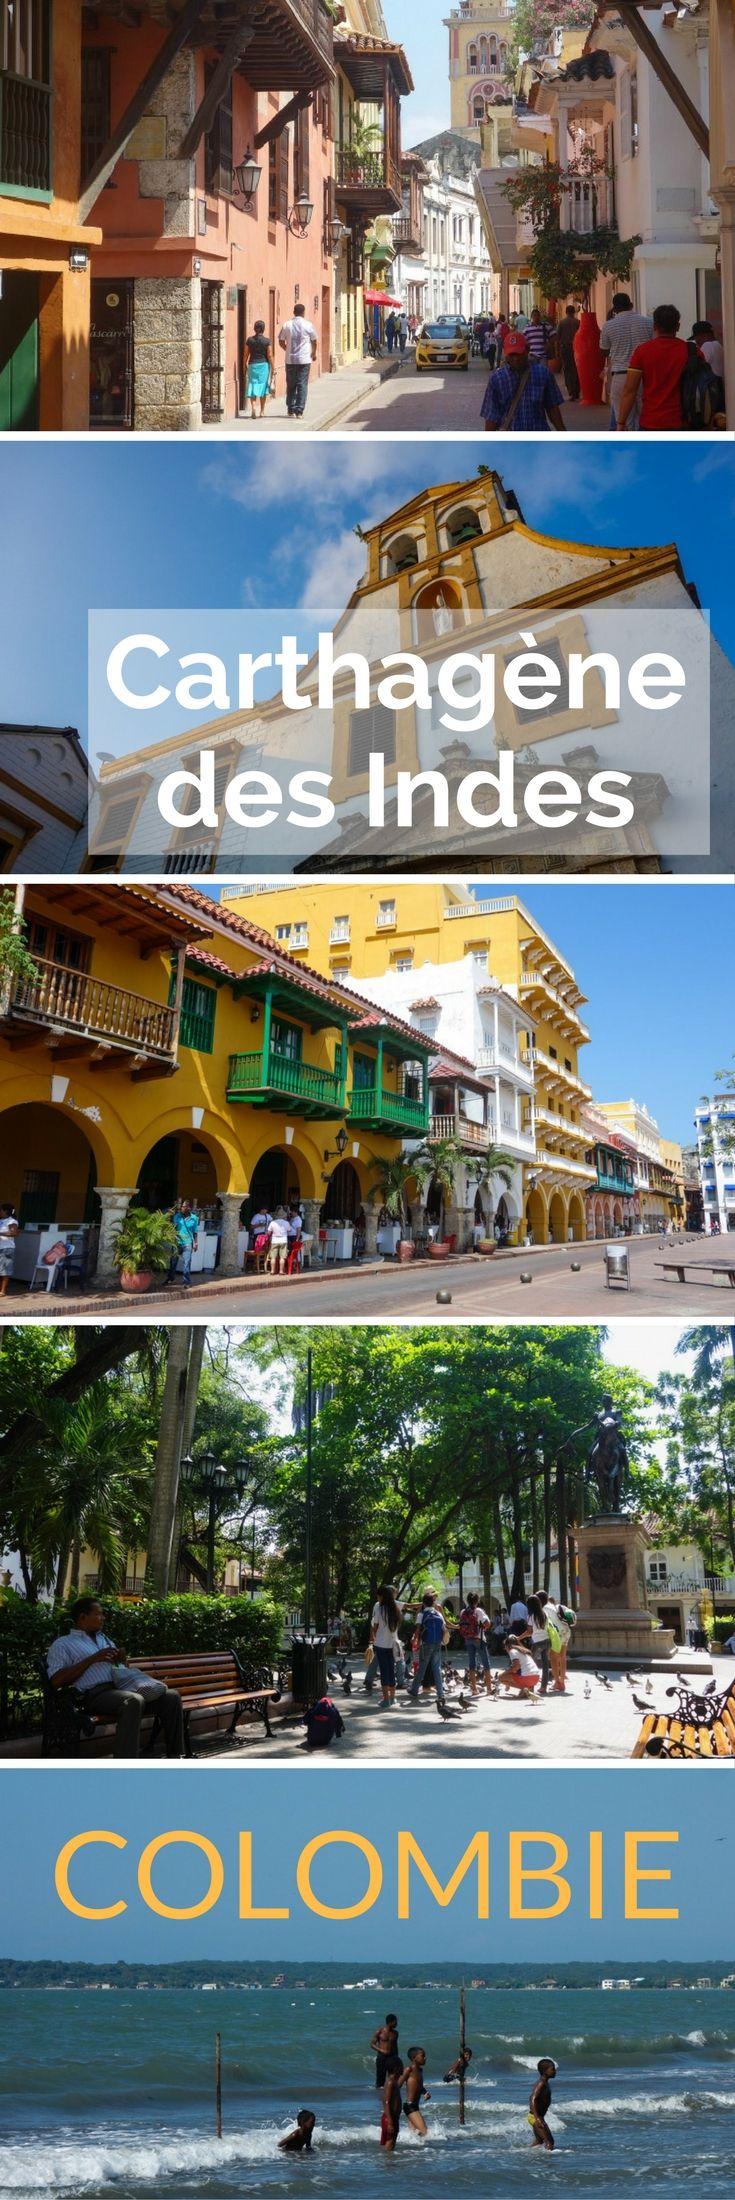 Visiter Carthagène des Indes en Colombie, Cartagena la belle, Carthagène une ville qui m'a tout de même déçue en Amérique du Sud... et je vous explique pourquoi!